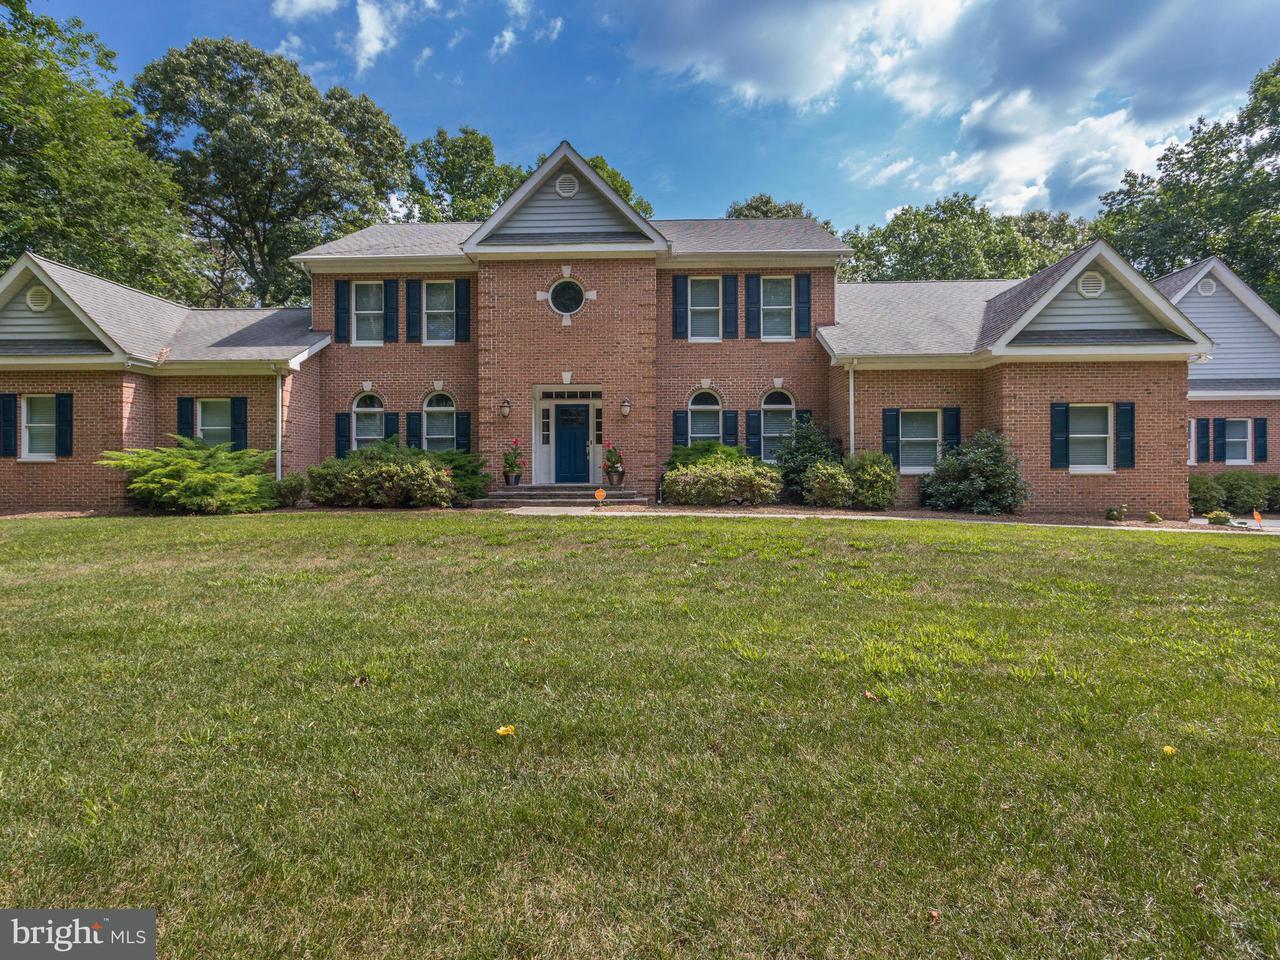 Частный односемейный дом для того Продажа на 7450 SEDWICK Court 7450 SEDWICK Court St. Leonard, Мэриленд 20685 Соединенные Штаты